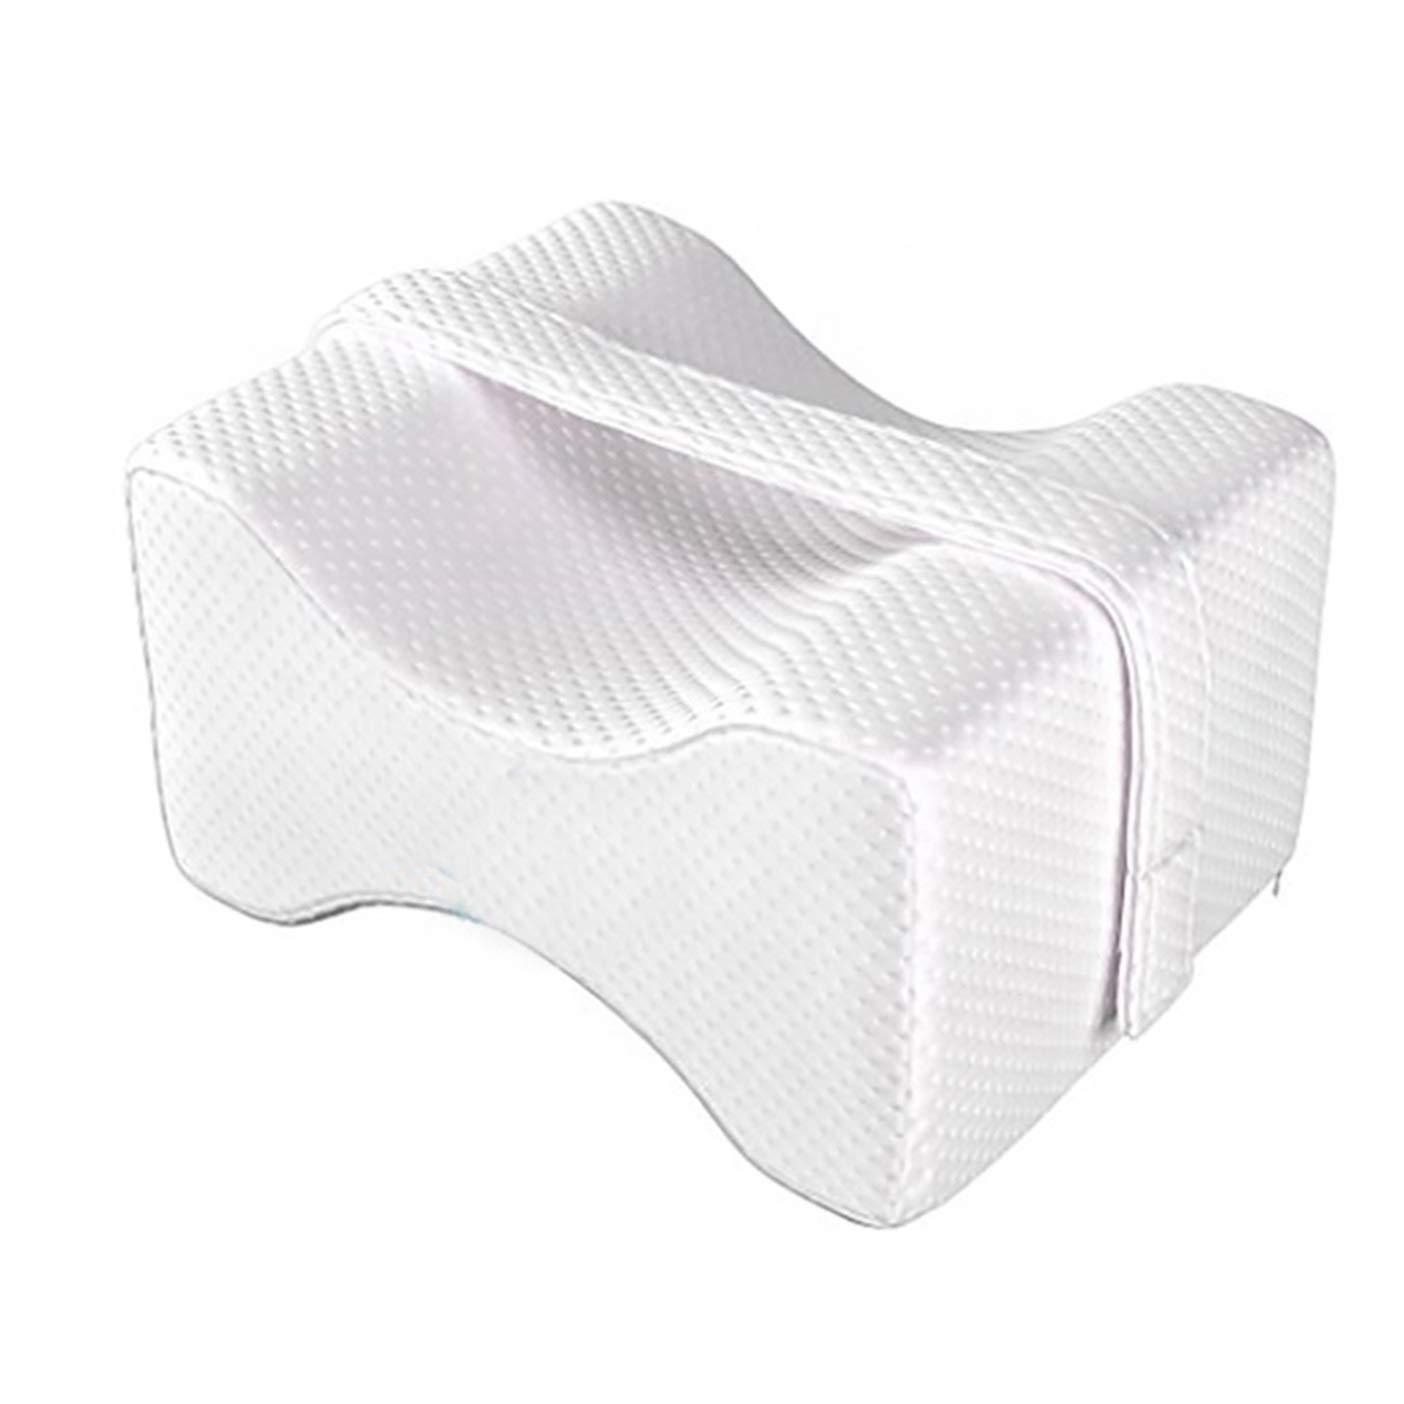 Cuscino Per Sollevare Gambe.Breive Cuscino Ortopedico Per Ginocchia Memory Foam Sciatica